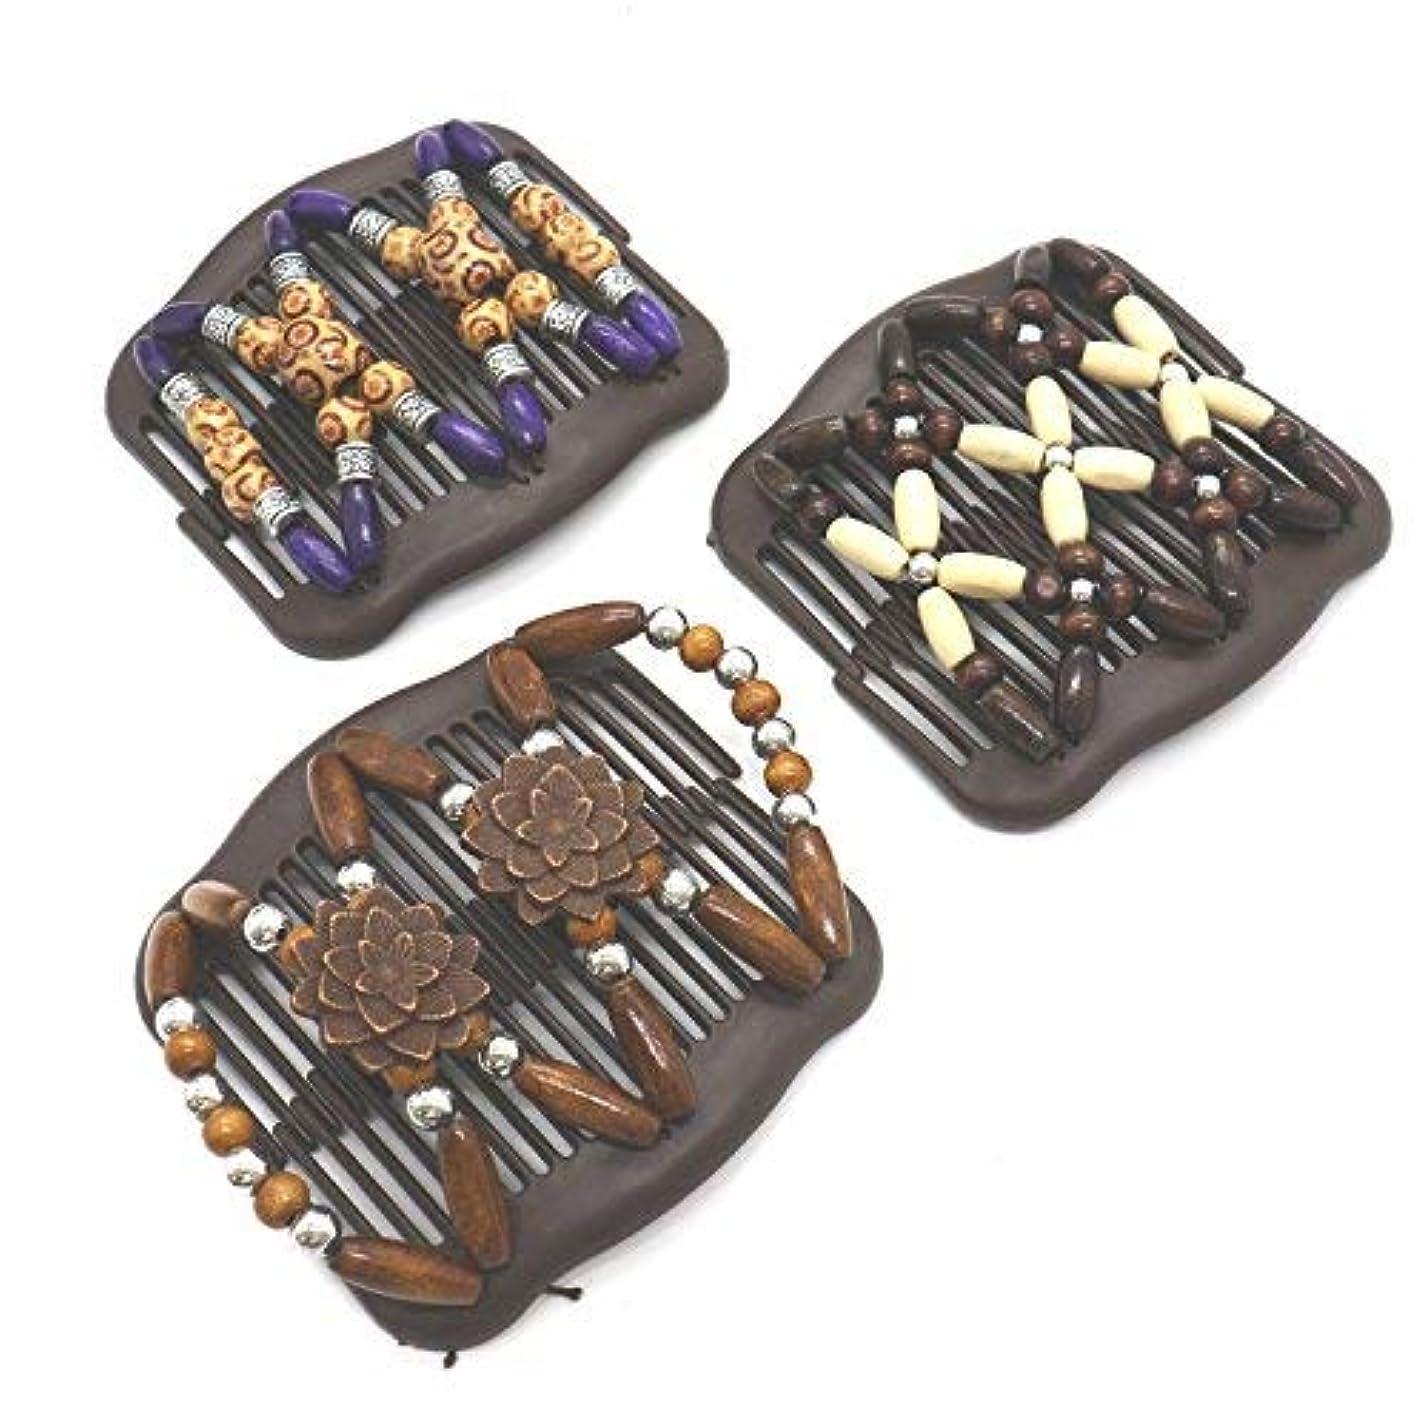 退院滅びる遠えBuorsa 3Pcs Magic Combs Wood Beaded Stretch Double Side Combs Clips Bun Maker Hair Accessories for Wowen Girls [並行輸入品]